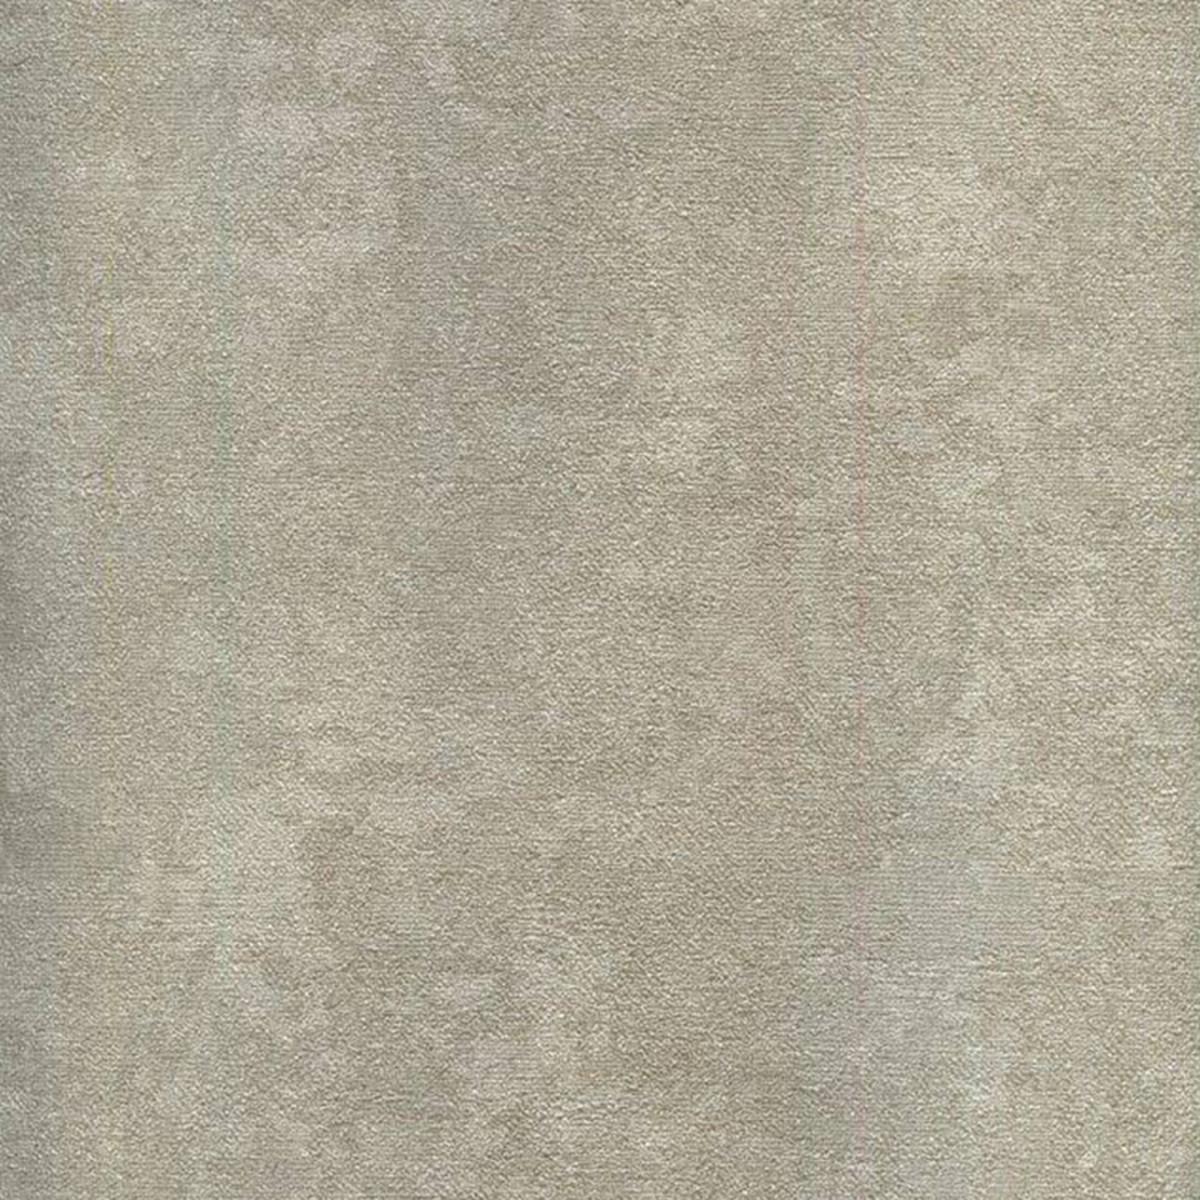 Обои флизелиновые Rasch Maximum XII бежевые 1.06 м 926927